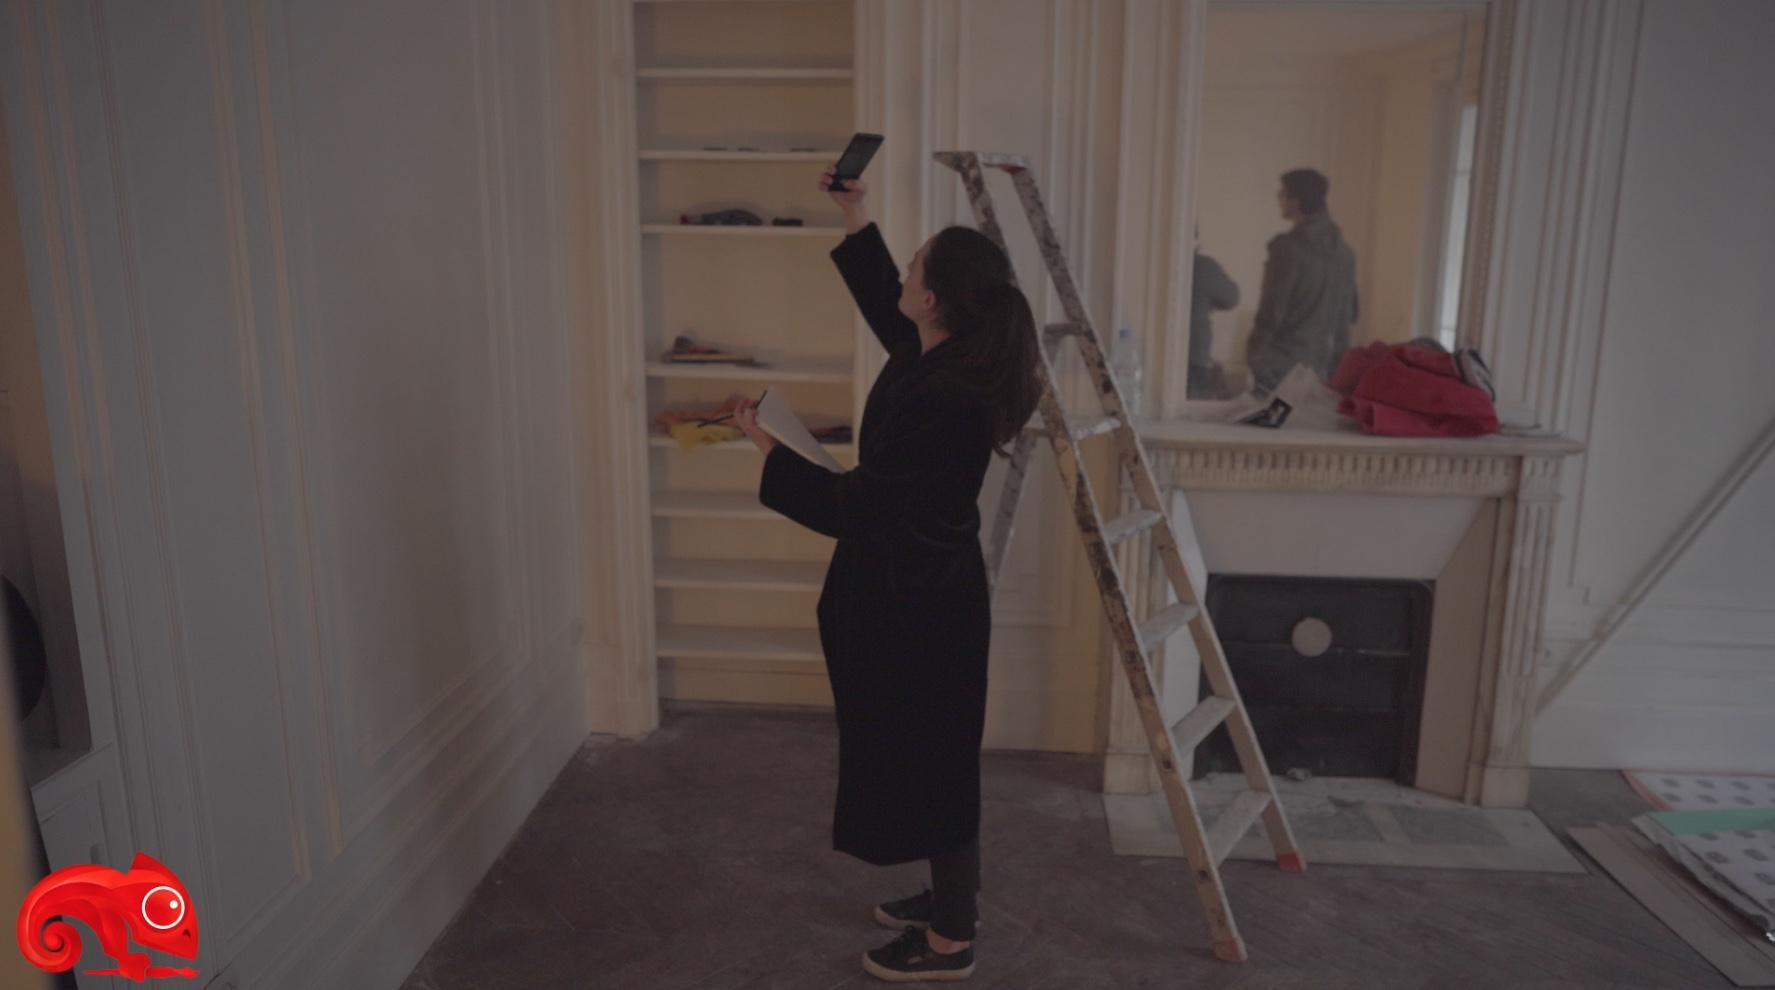 Architecte D Intérieur Lille reconversion professionnelle : les étudiants en architecture